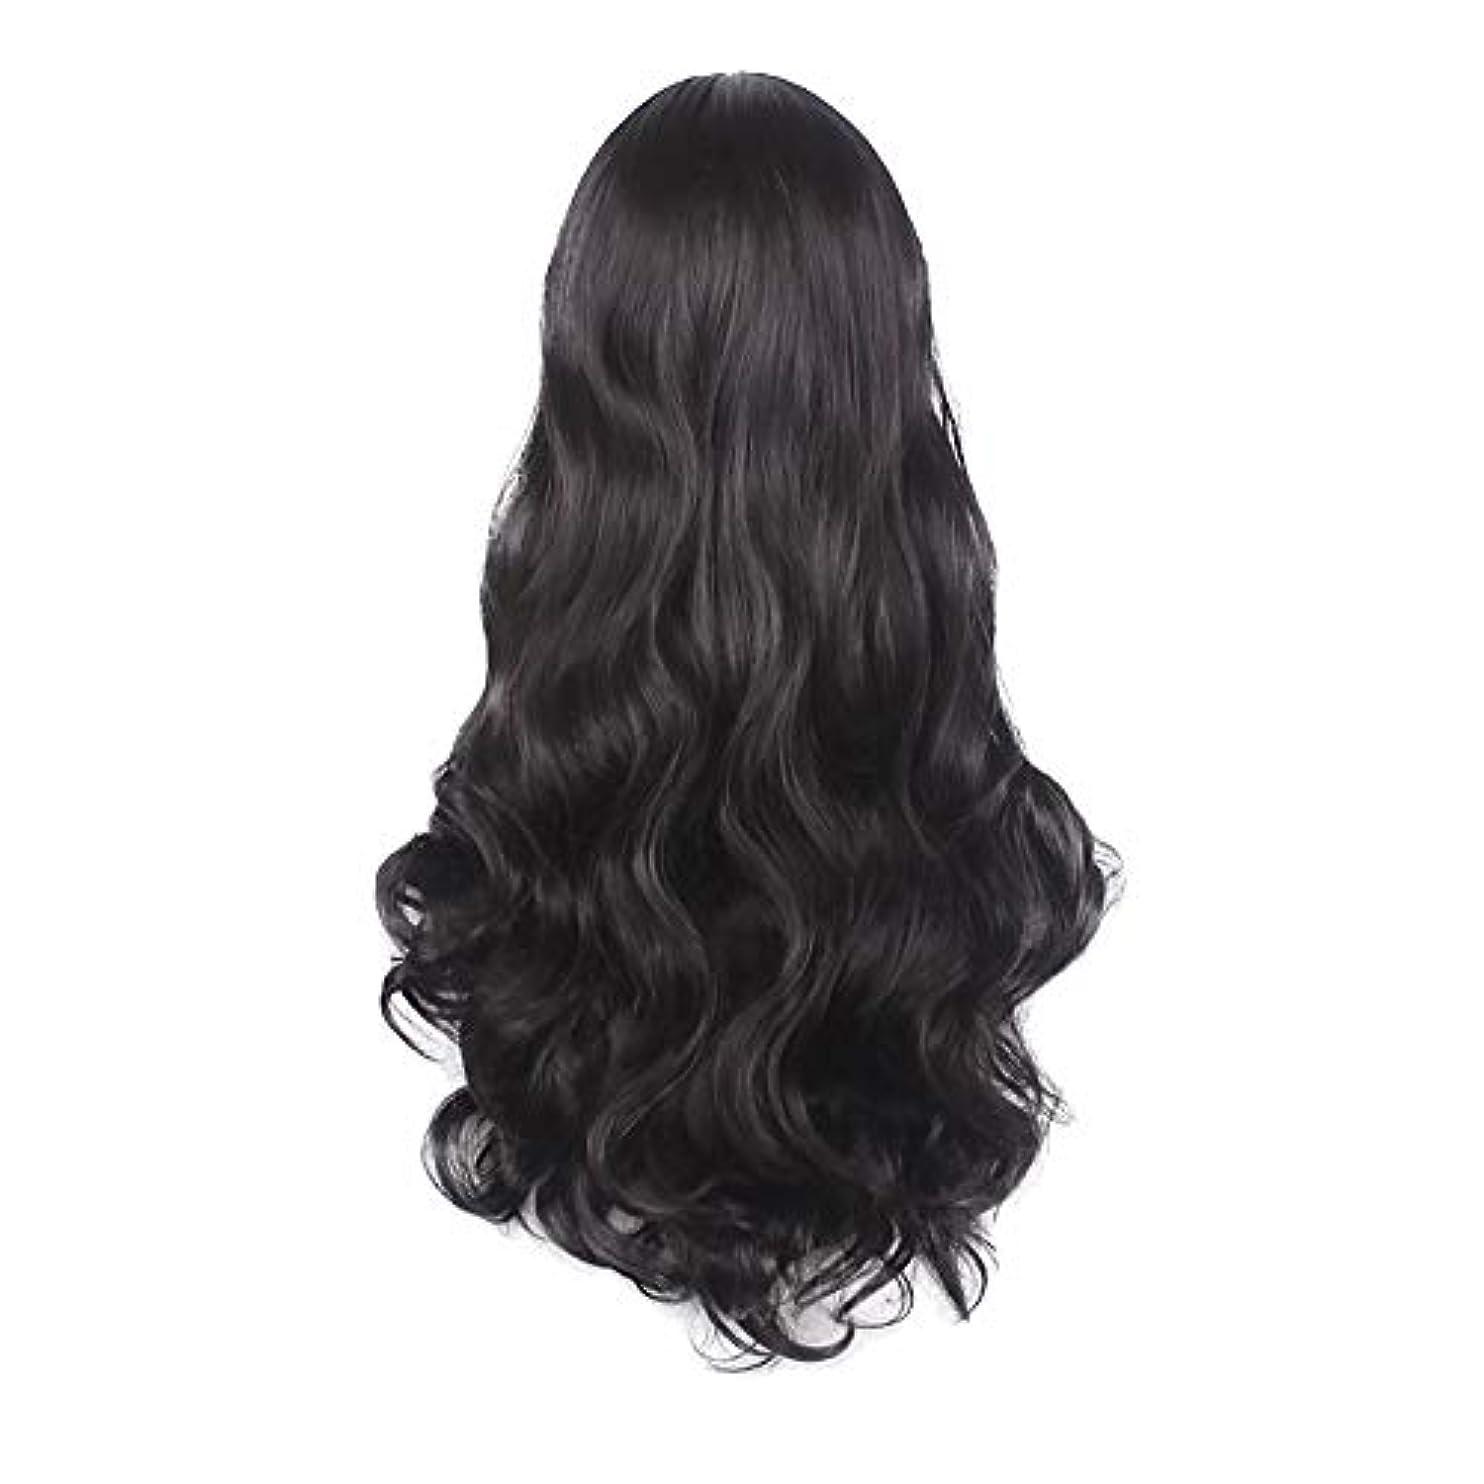 委員会バンカー決定女性の黒の長い波状の巻き毛のかつらパーティーCOS小道具かつらをかつら